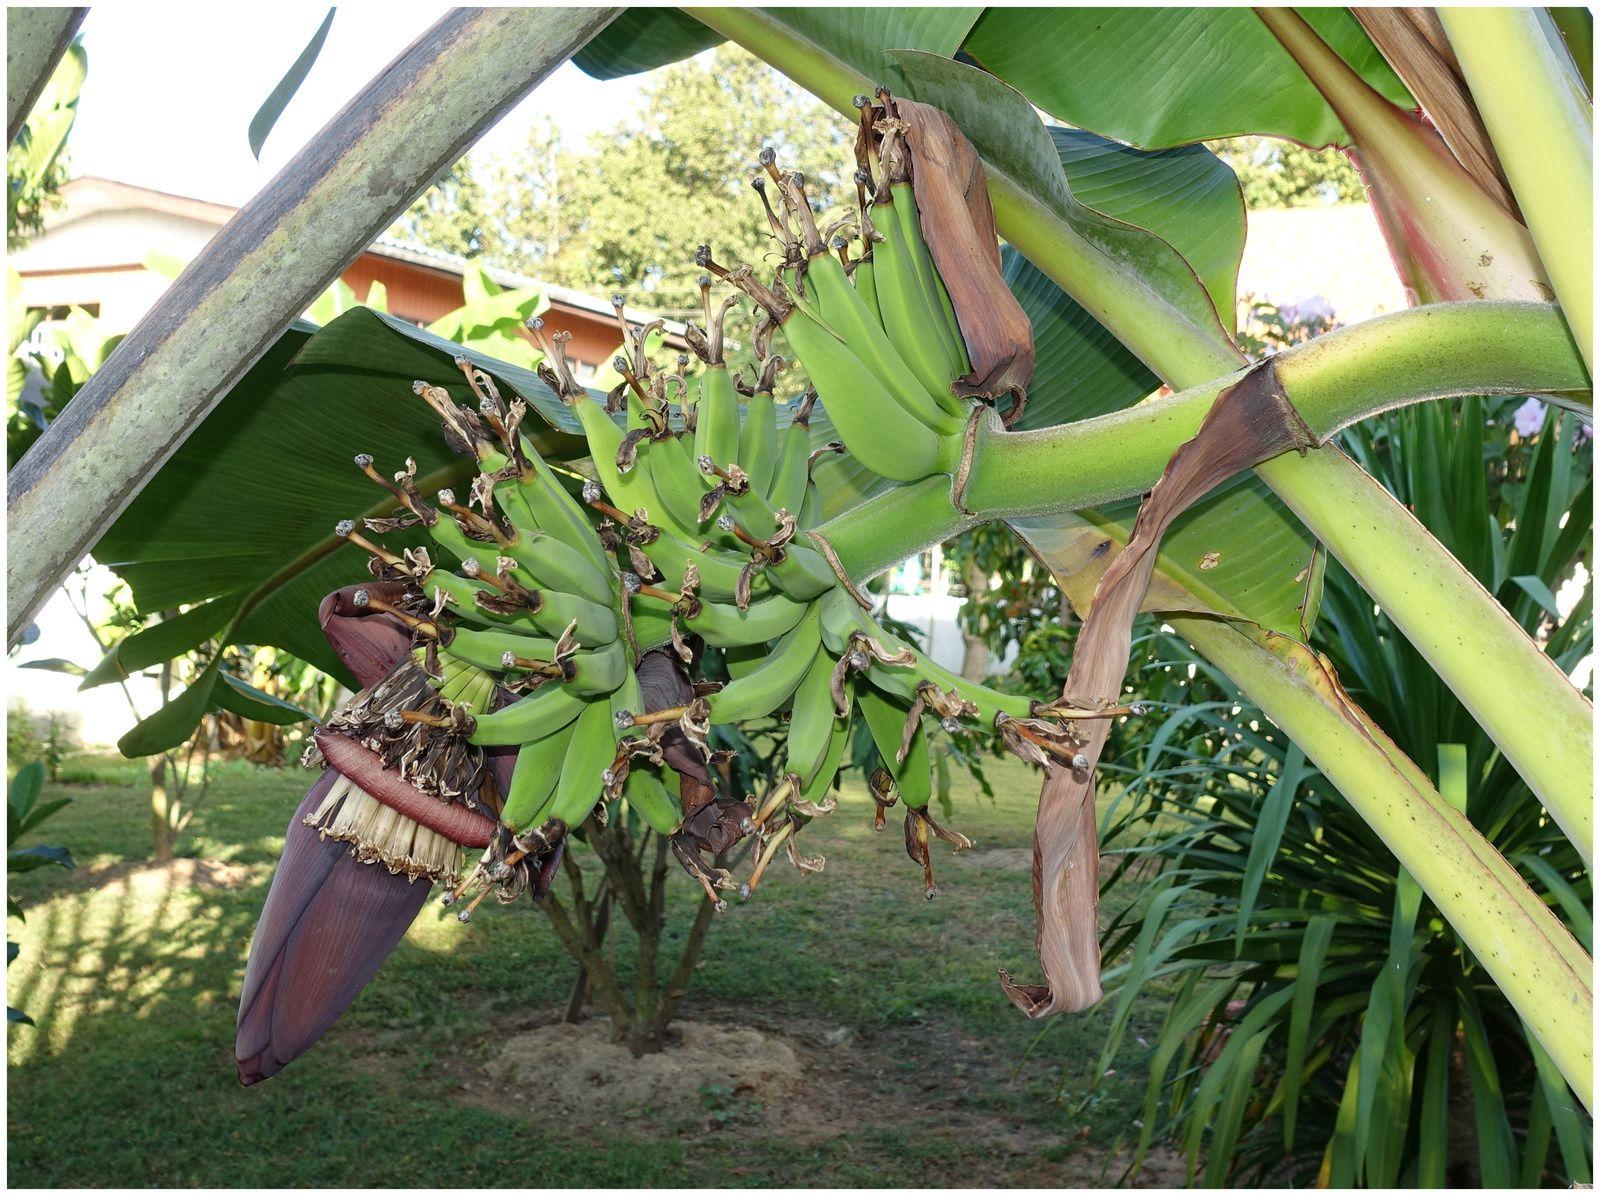 Les bananes en Thaïlande.....